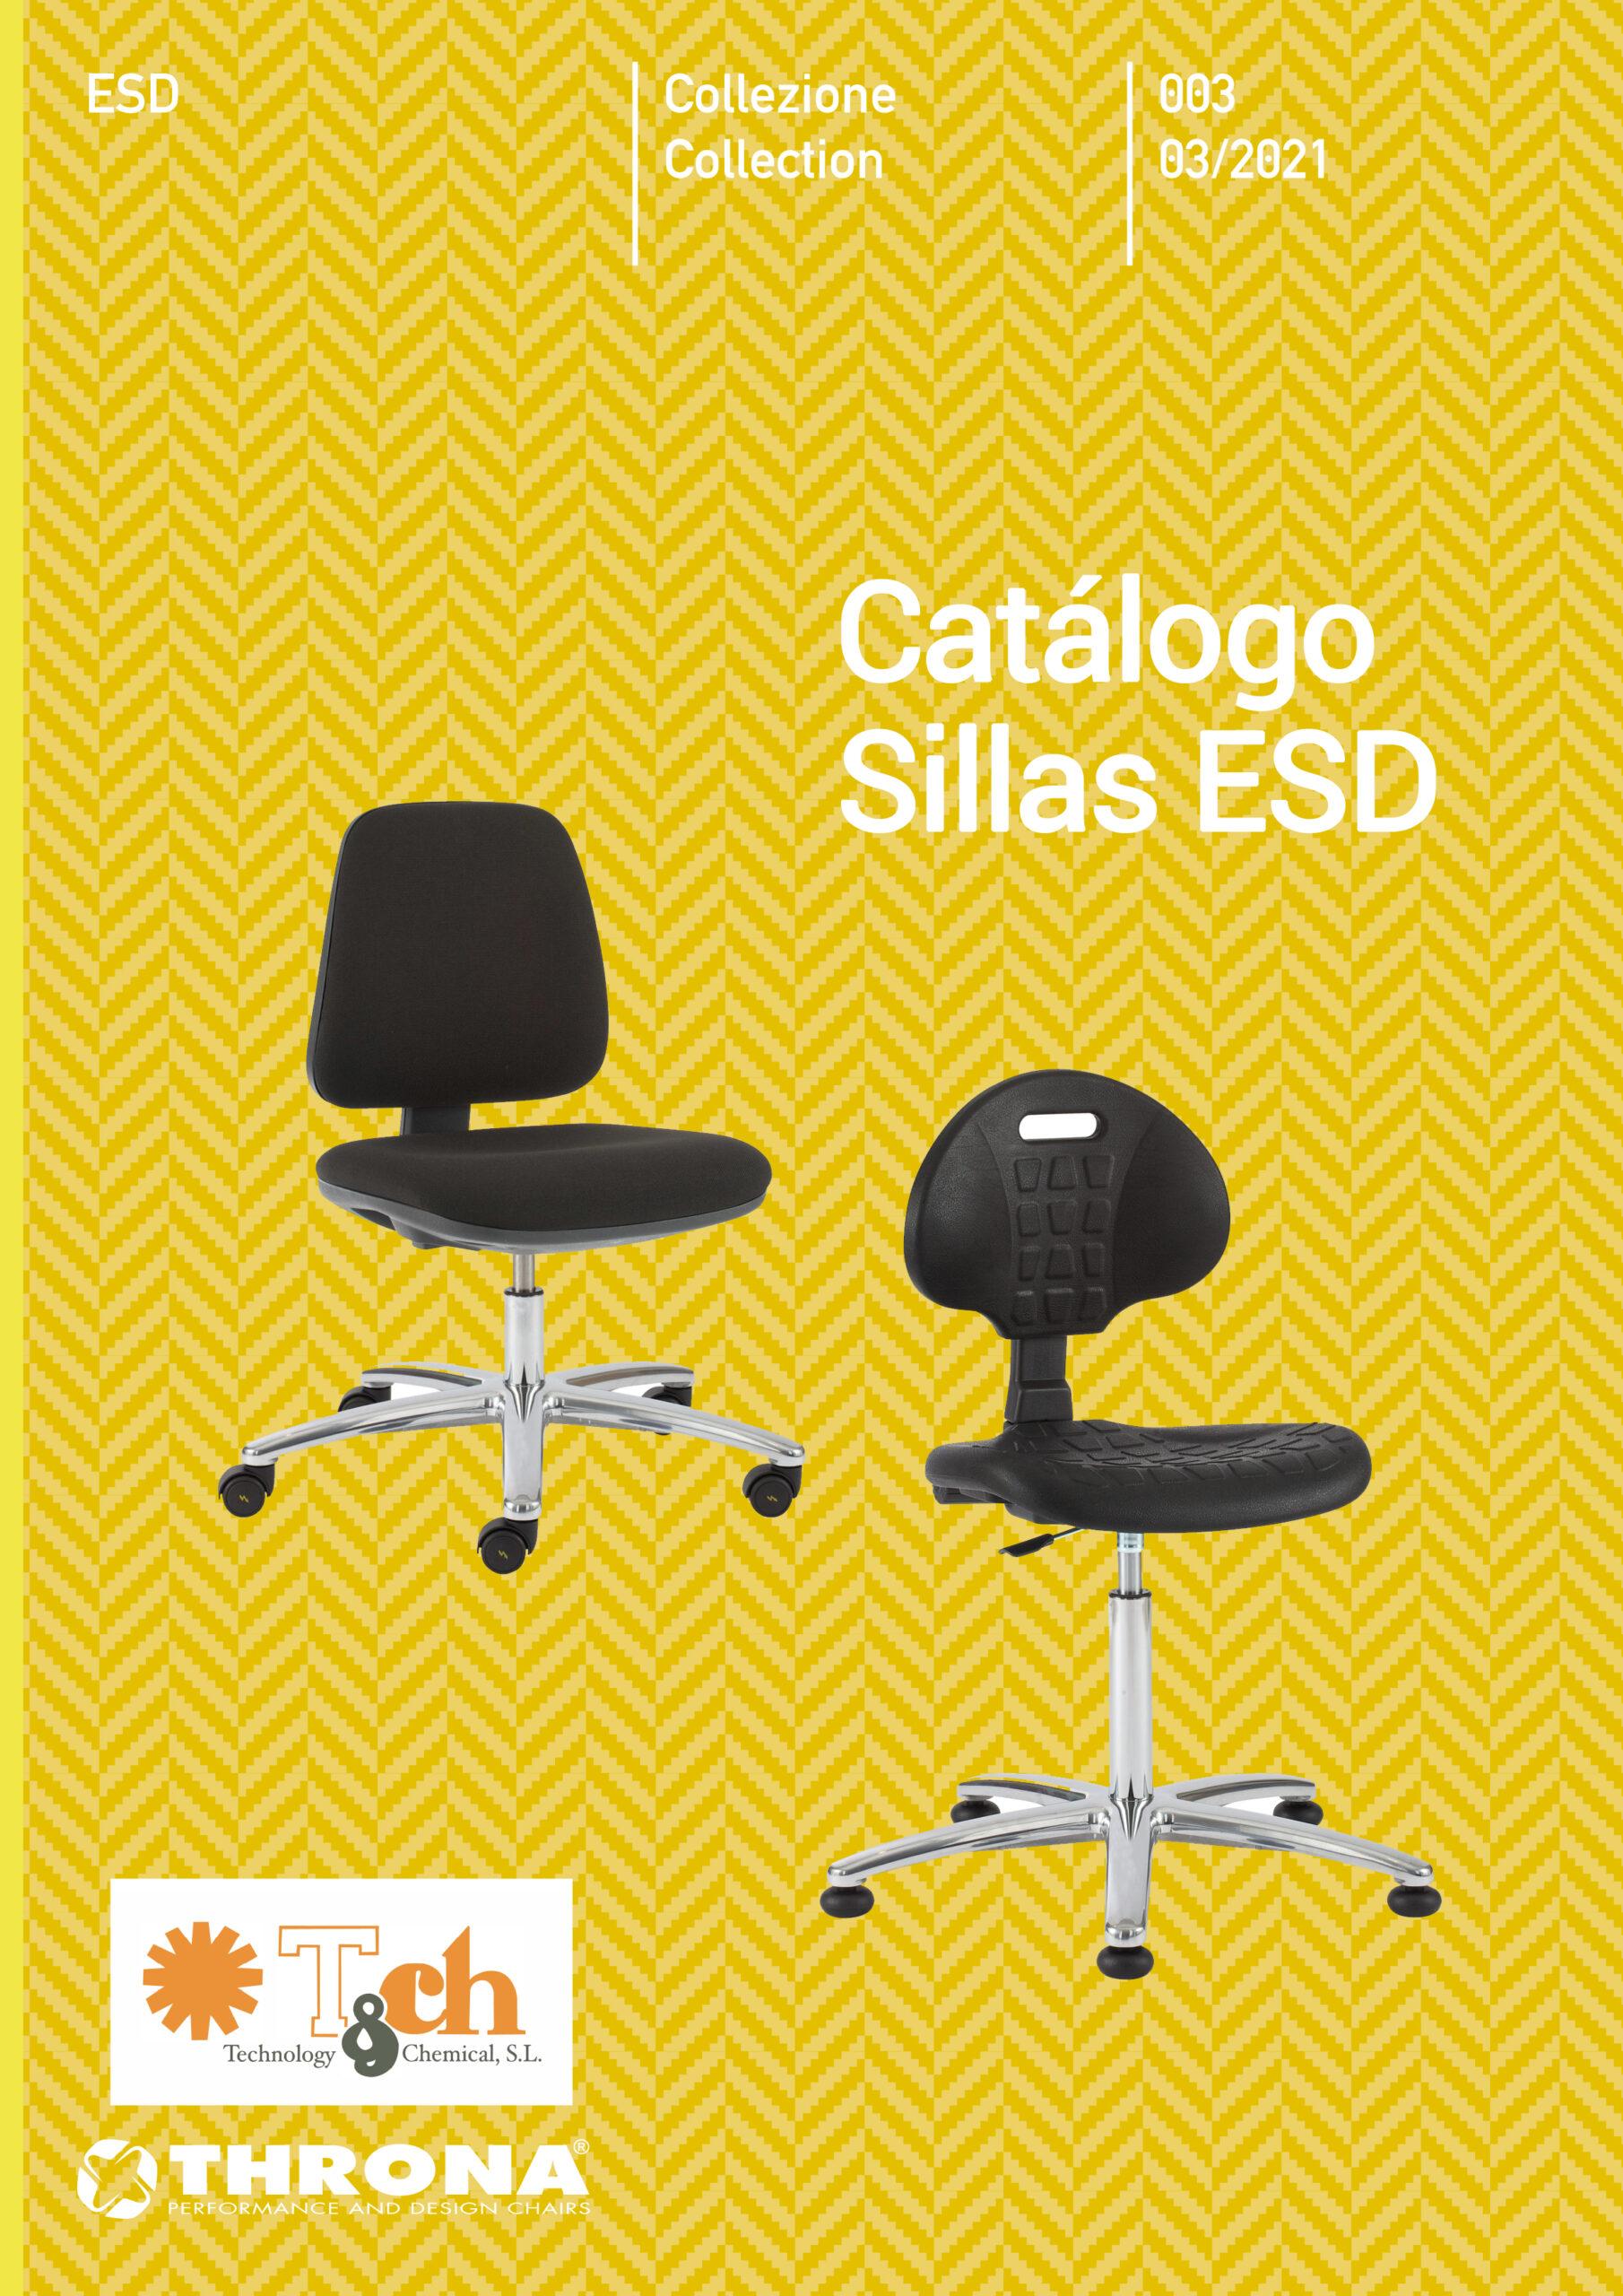 Catálogo sillas ESD